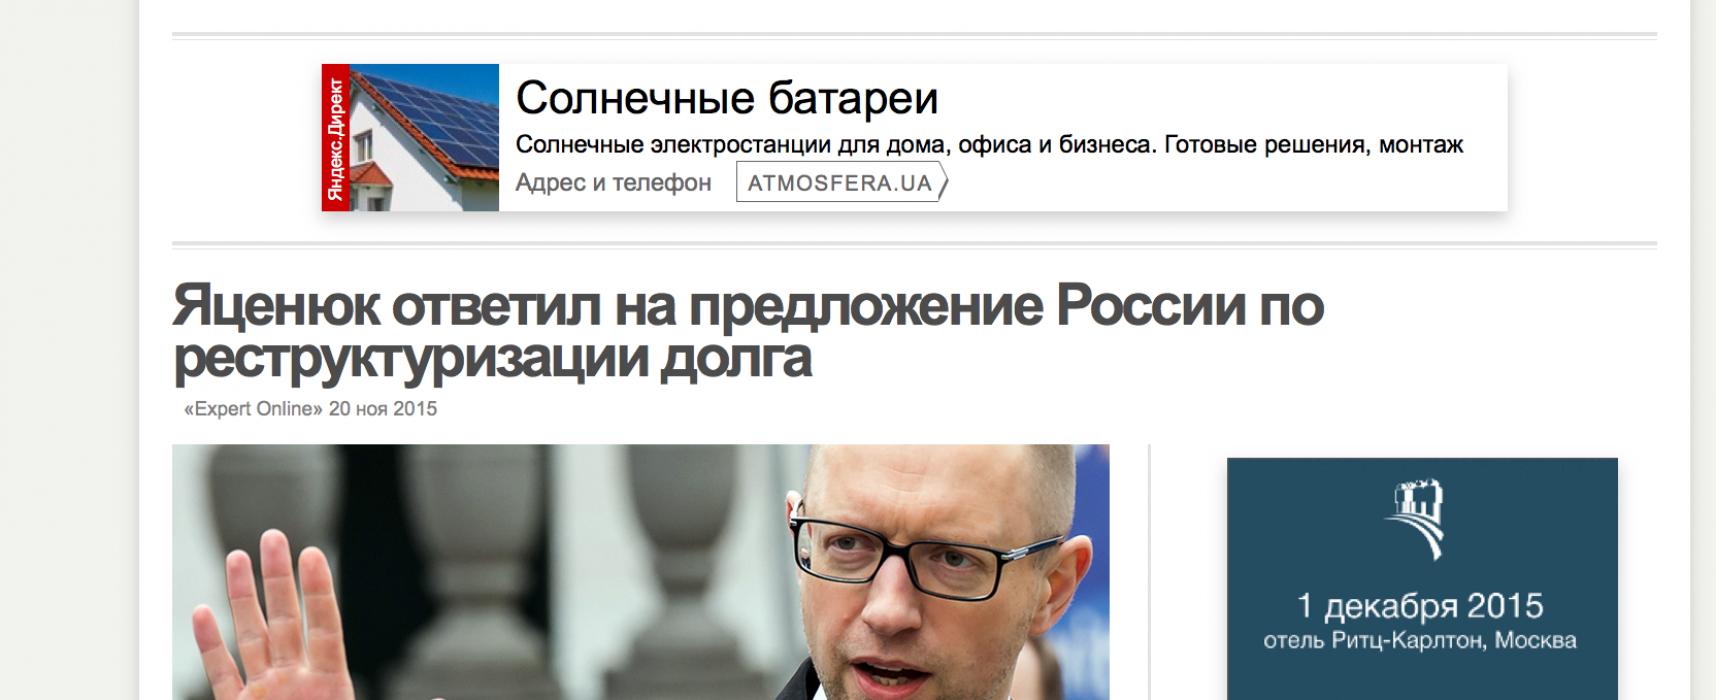 Фейк: Яценюк се отказал от разсрочване на дълга